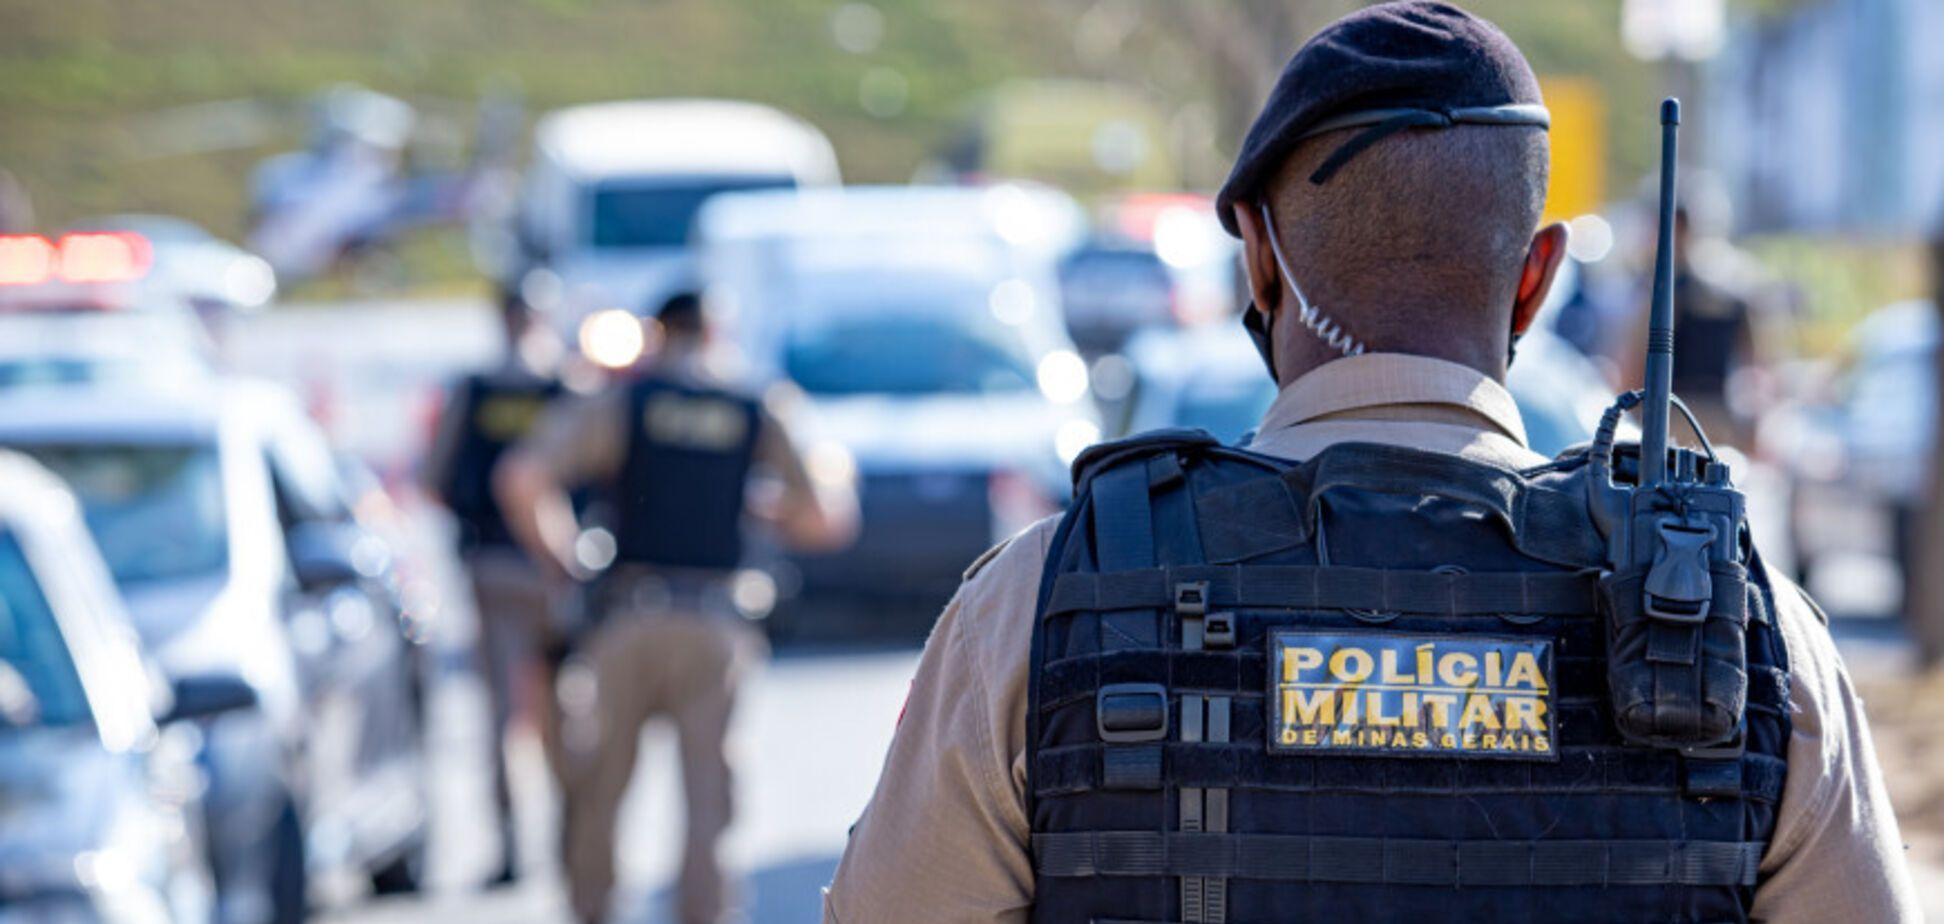 У Ріо-де-Жанейро сталася перестрілка: убито десятки людей